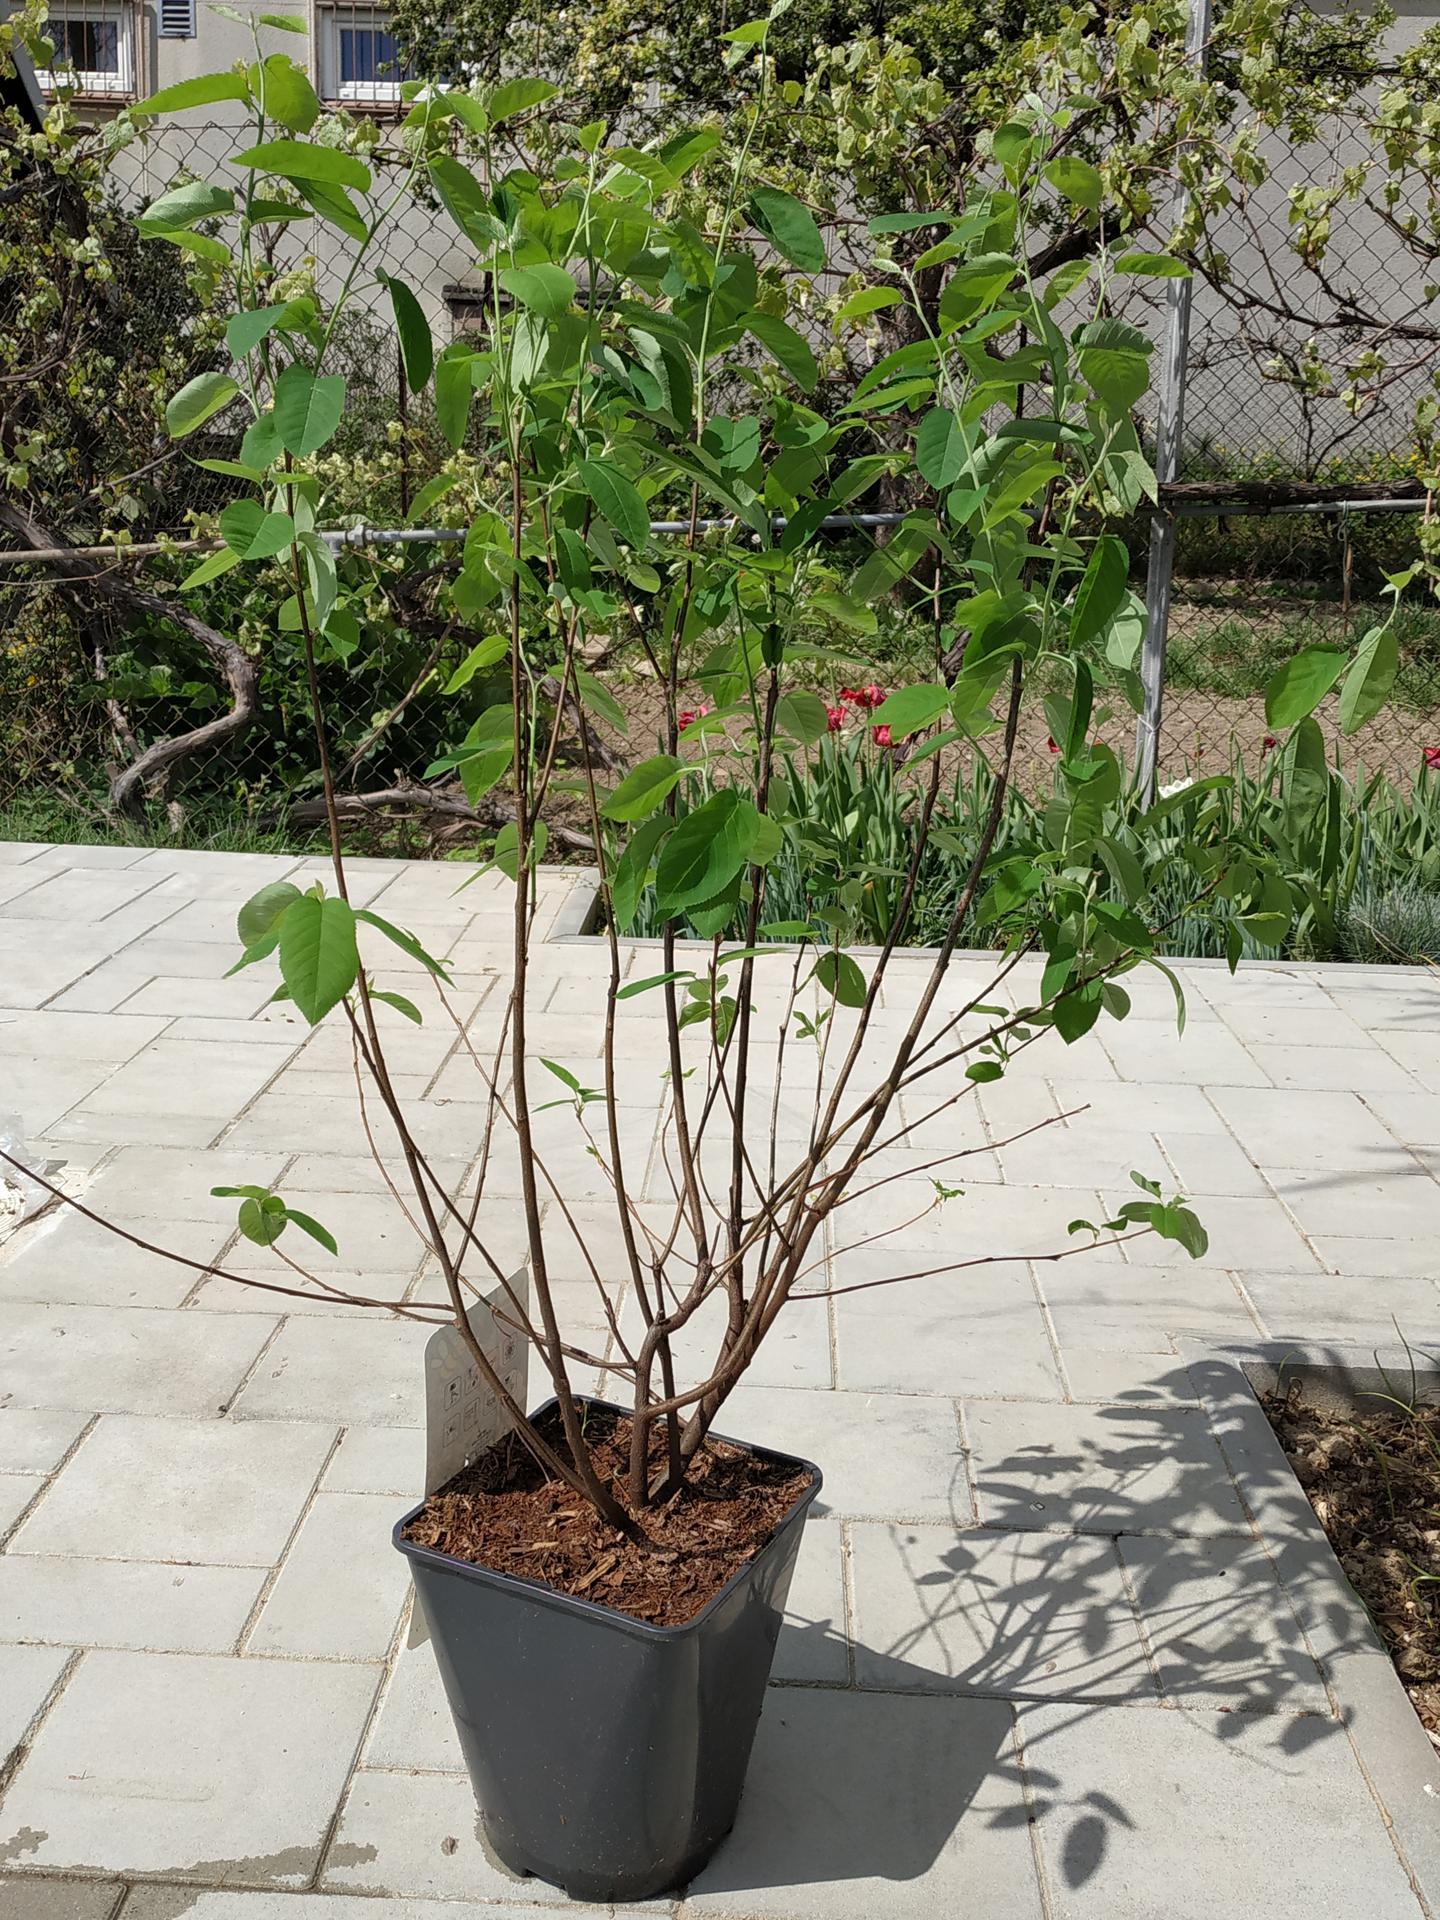 Včera jsem v Bauhausu objevila moc pěkně rostlé muchovníky. V zahradnictvích v okolí, kde jsem byla minulý týden měli jen takové chudáčky a tady najednou fakt pěkné keře. Bohužel byly plné mšic, takže jsem ho nechala být, ale pak má touha zvítězila a už je odmšicovaný u nás na zahradě 😉 - Obrázek č. 1